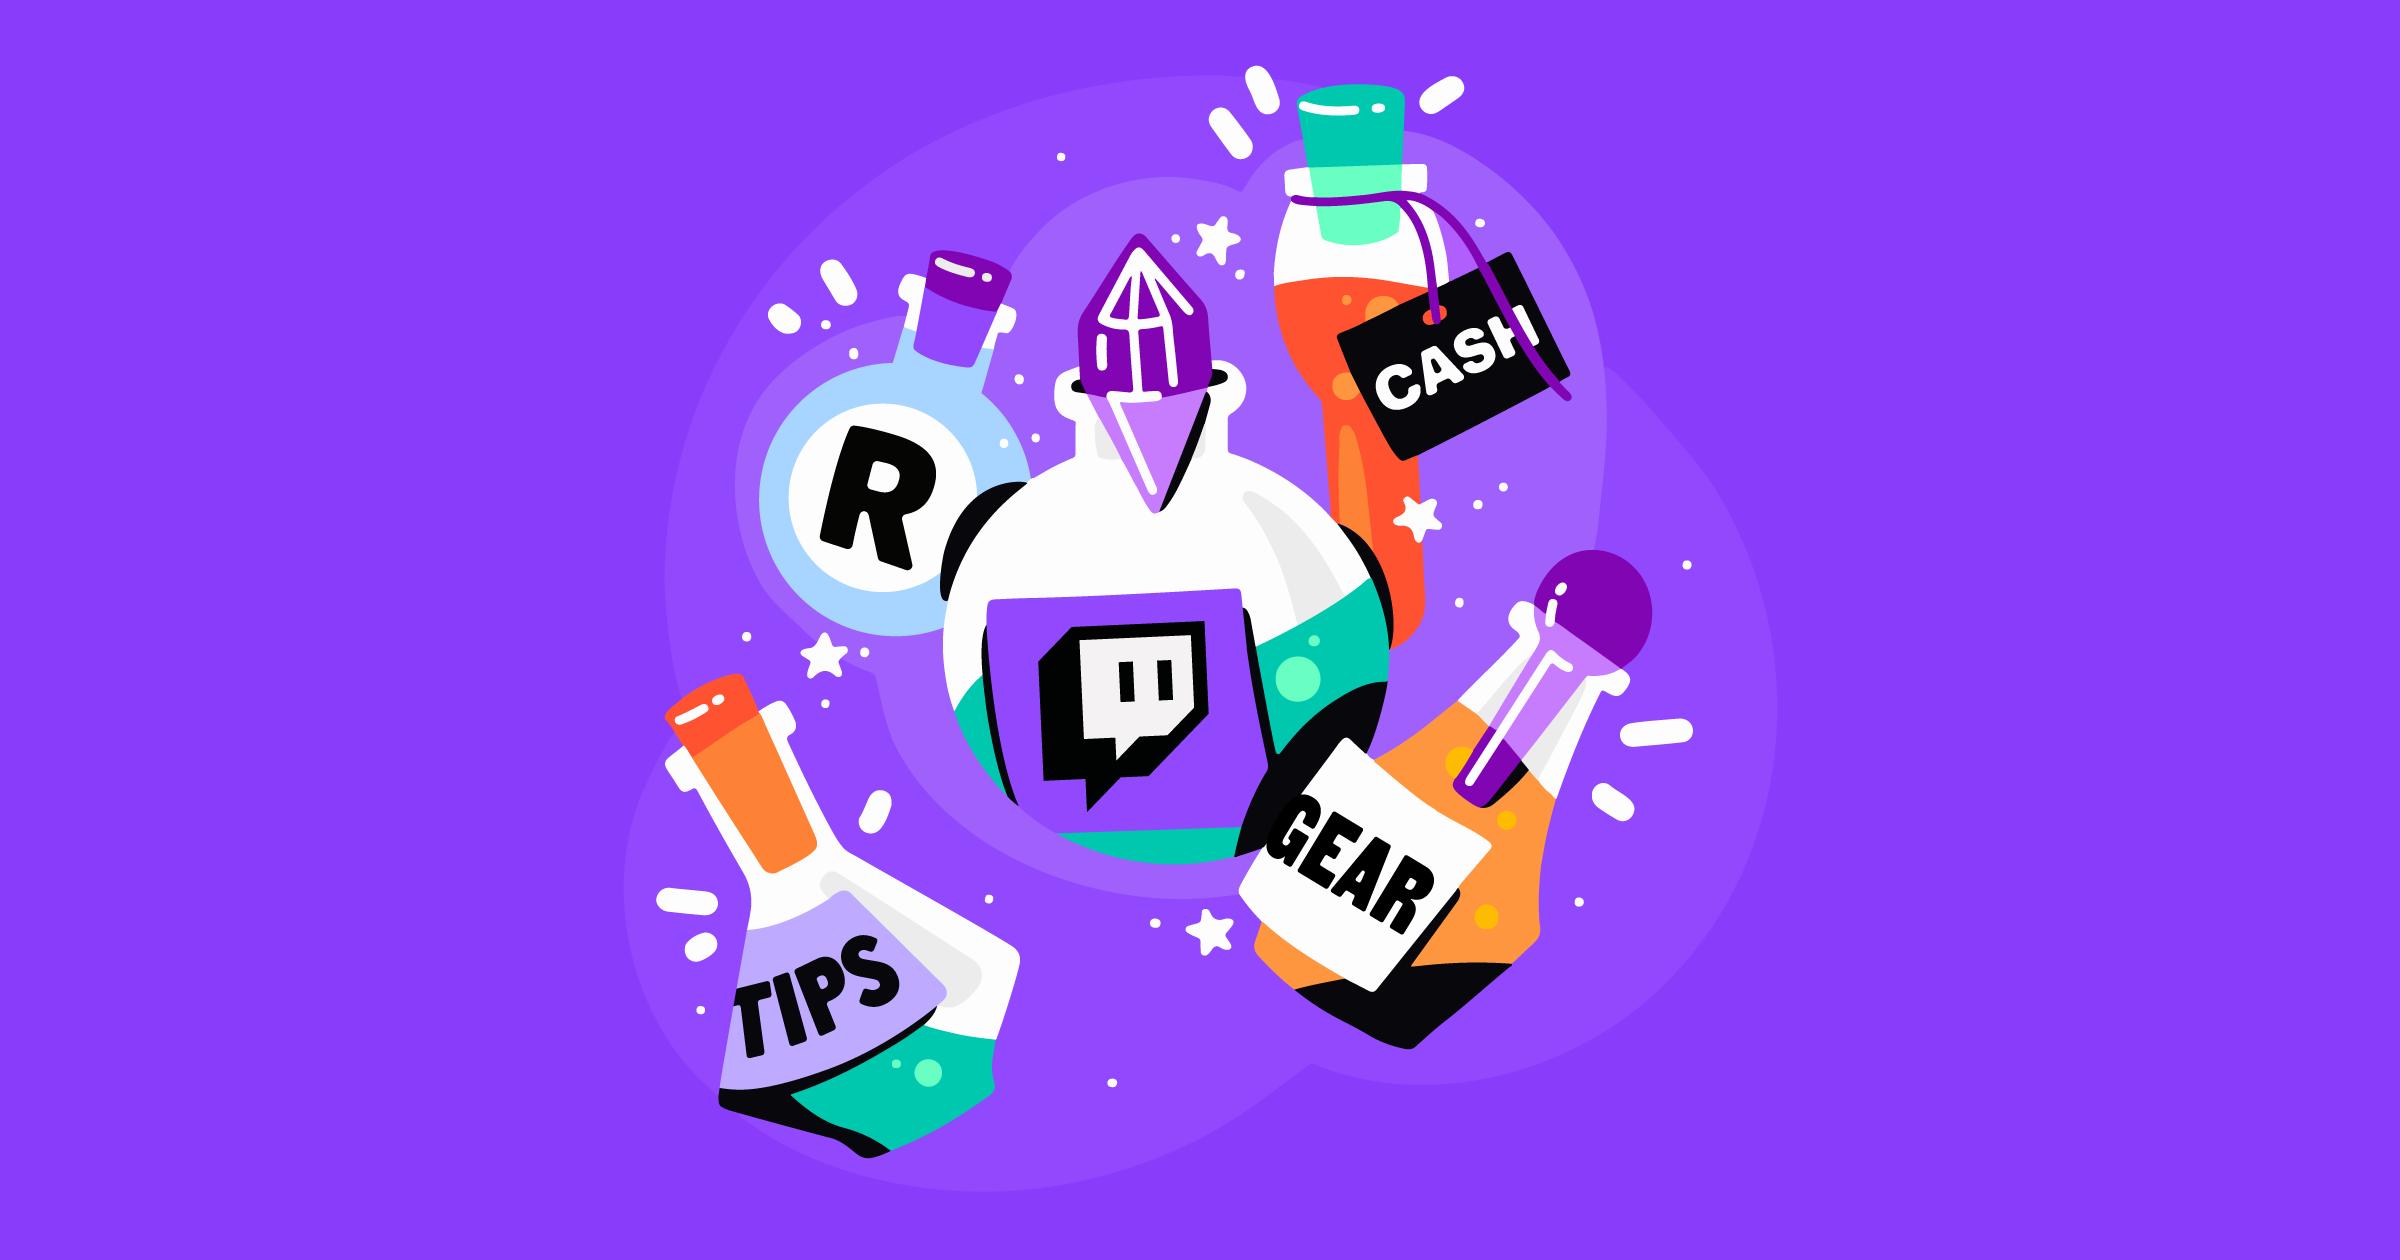 Как увеличить подписчиков в Twitch бесплатно?